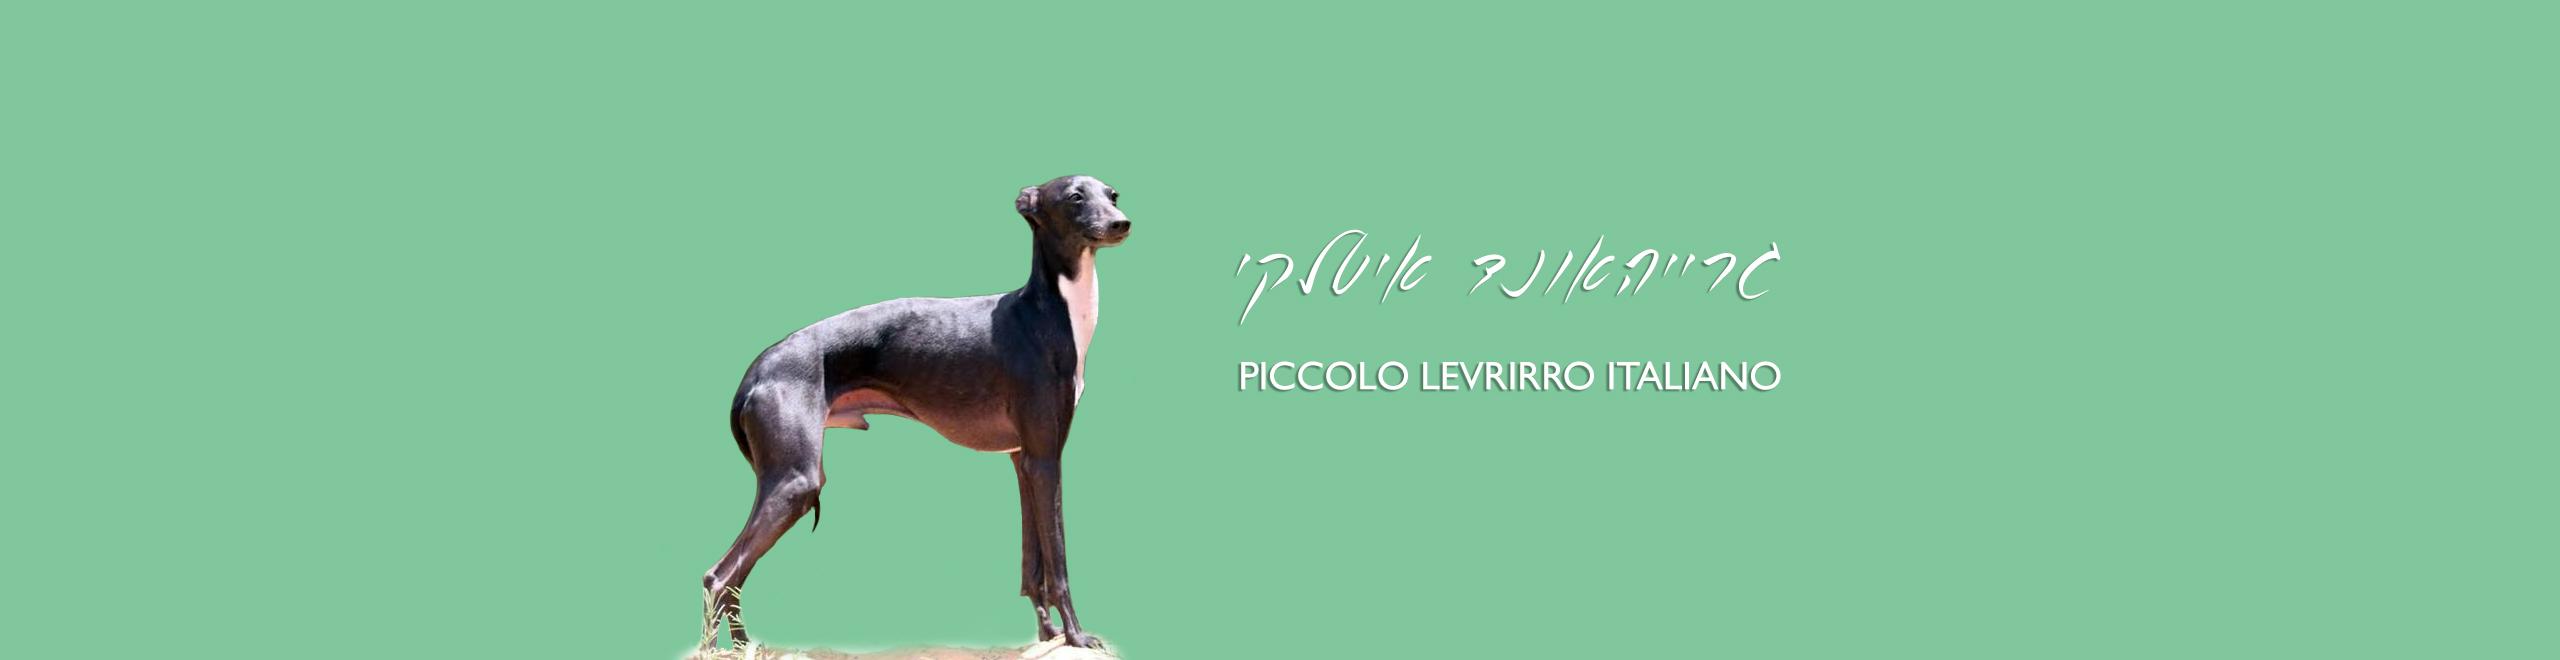 PICCOLO-LEVRIRRO-ITALIANO